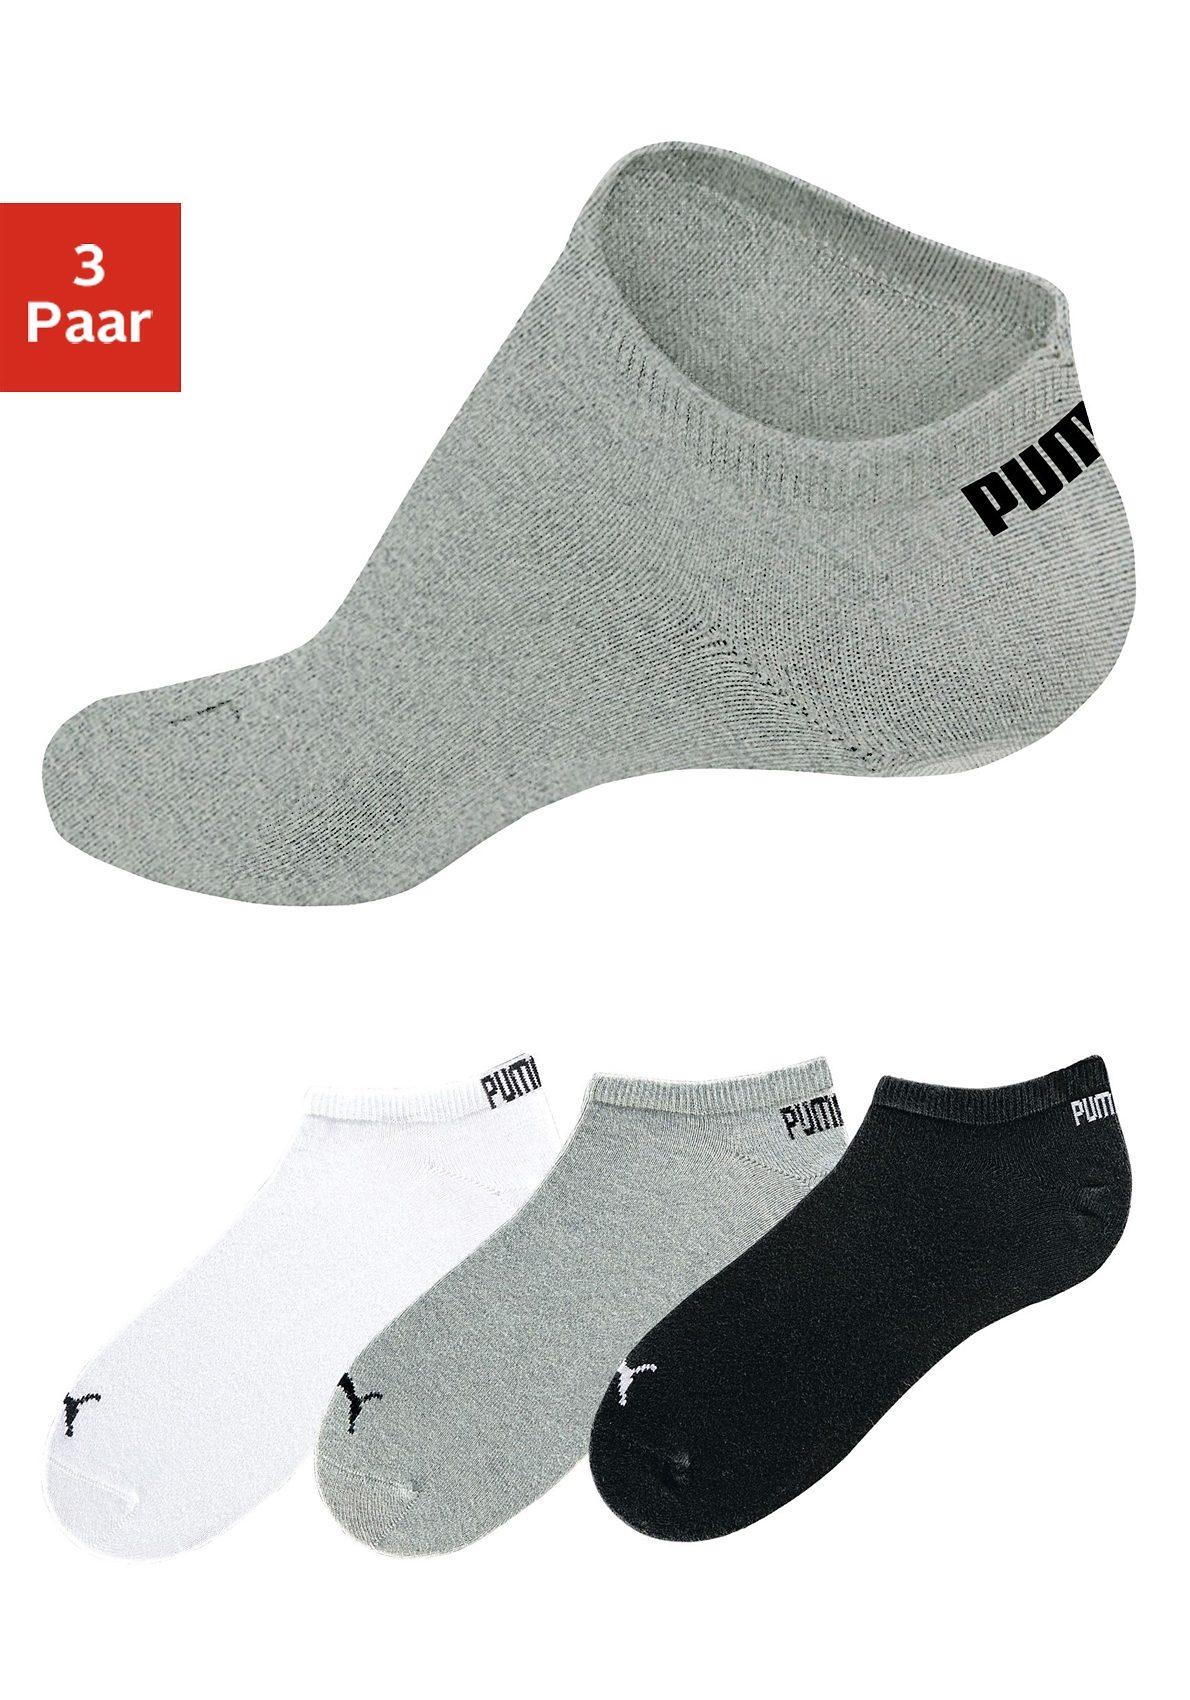 PUMA Sneakersocken (3 Paar)